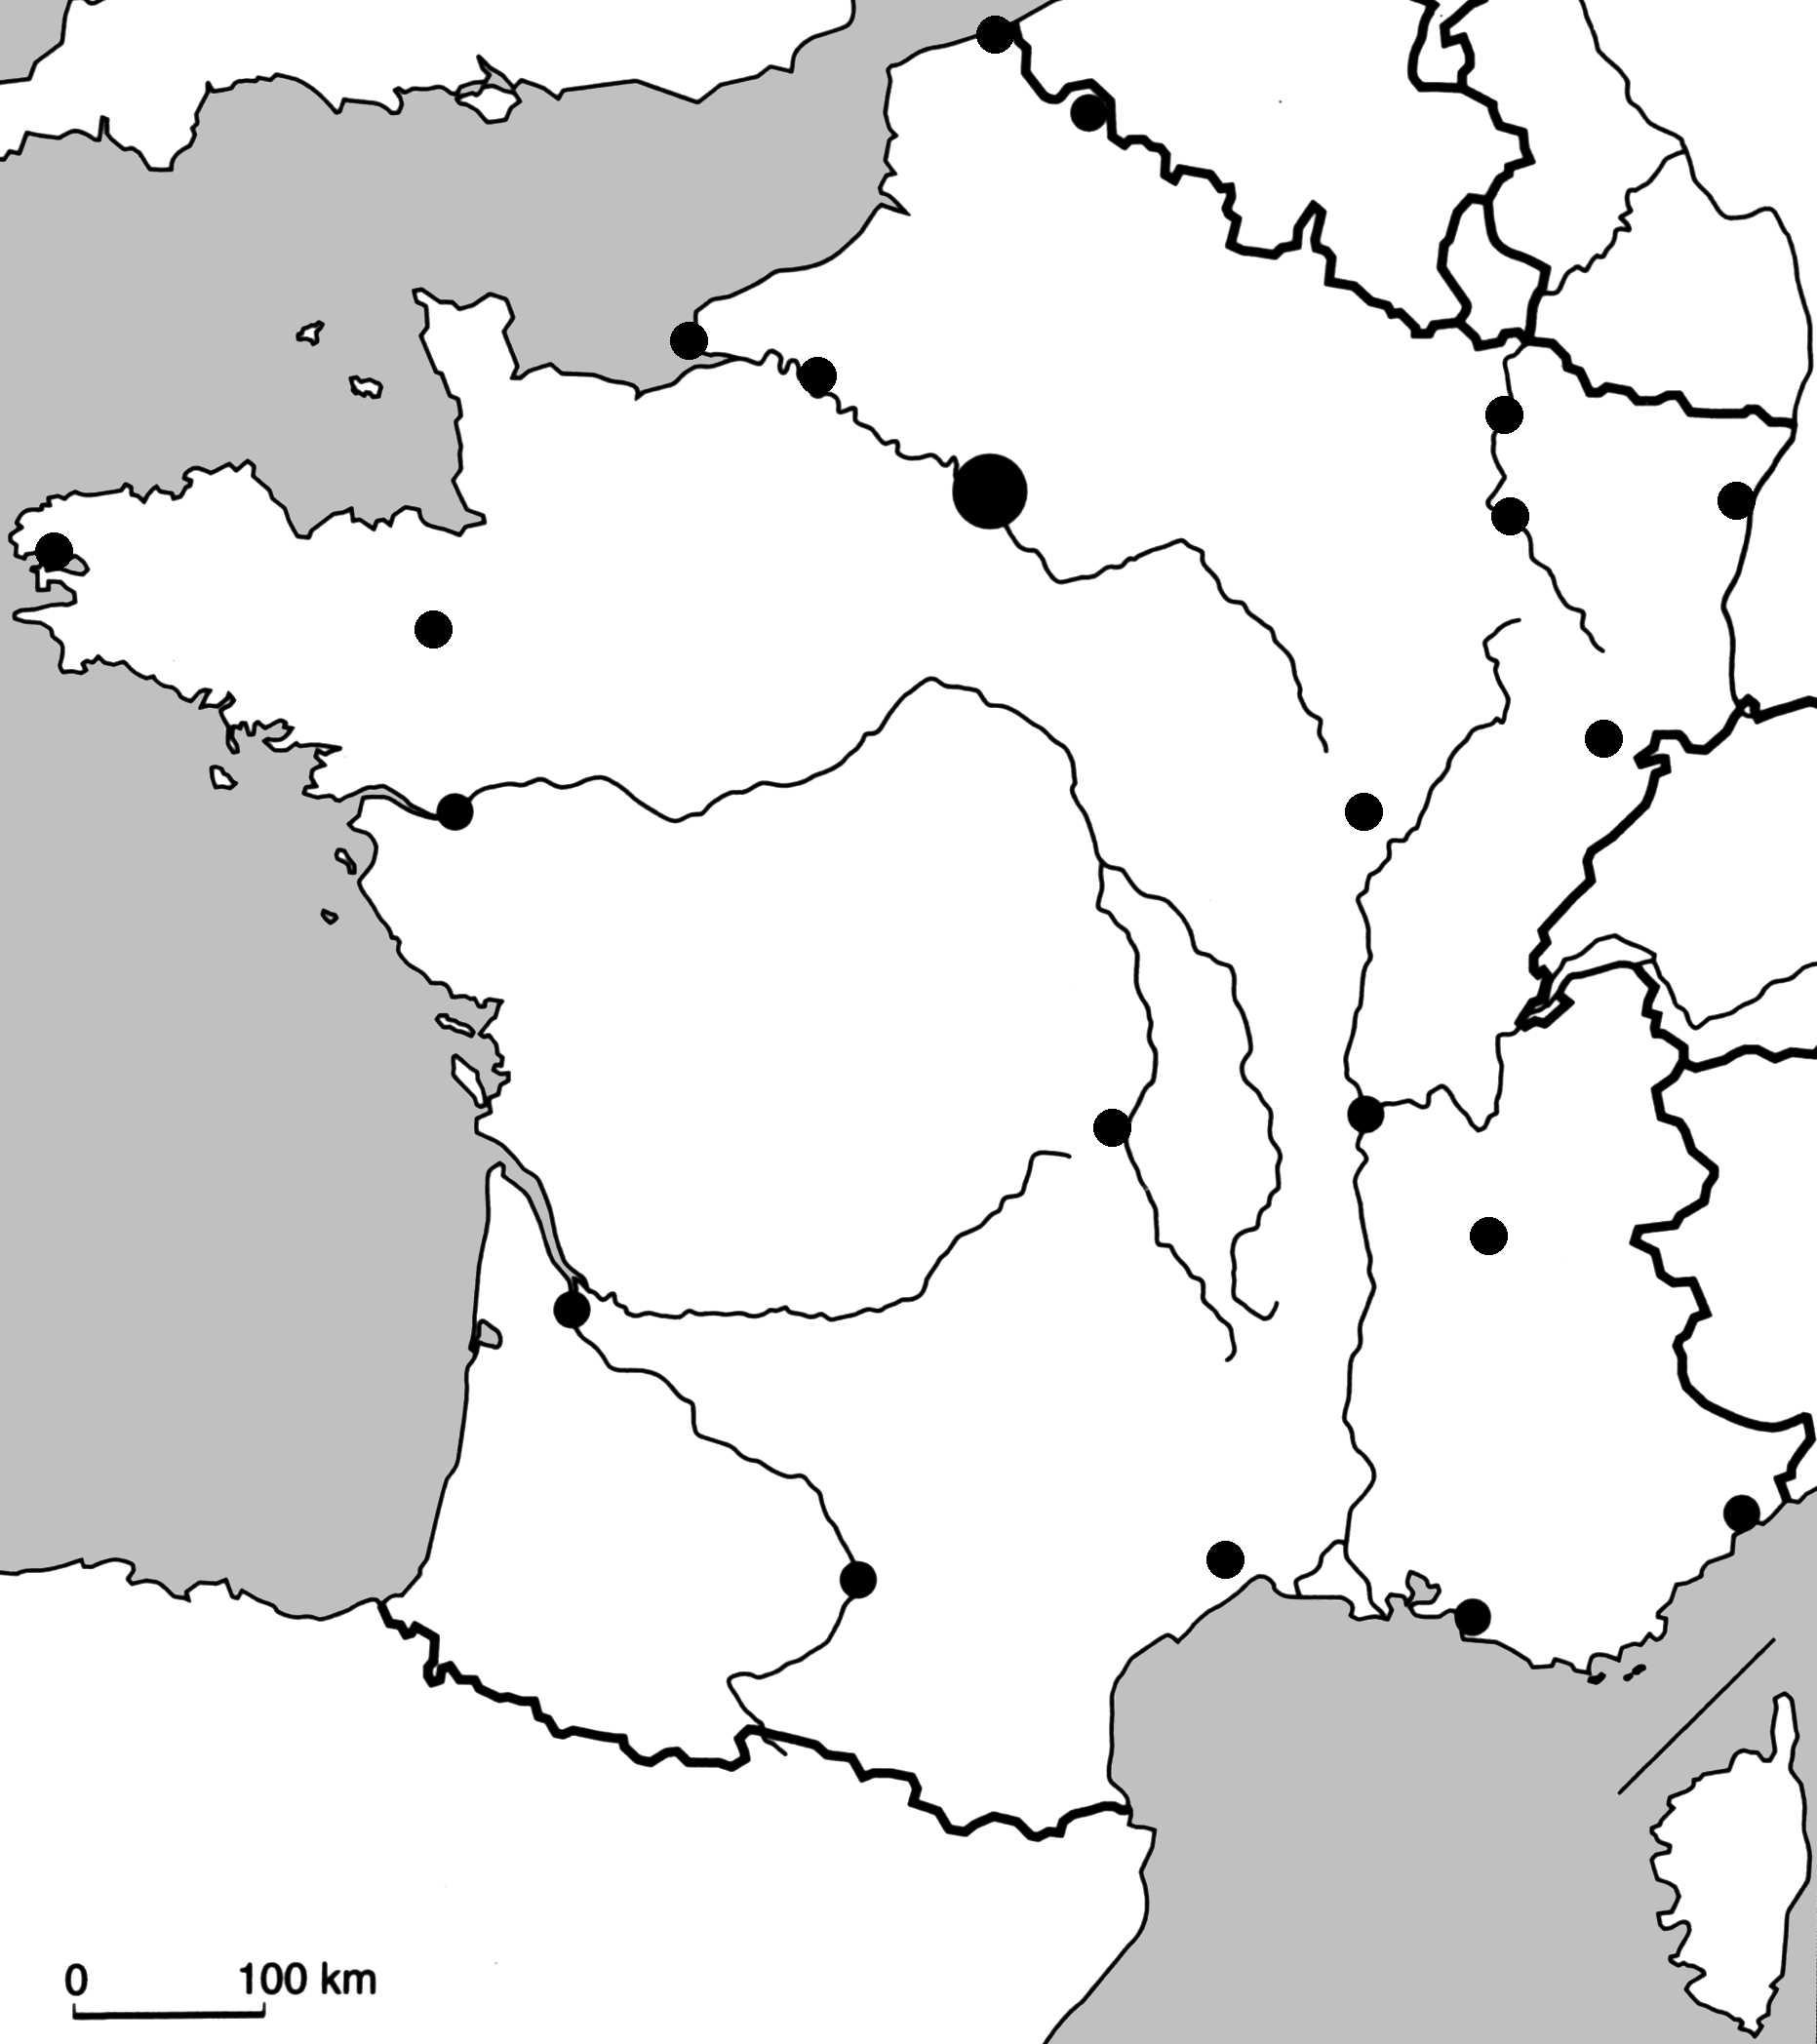 Carte De France Vierge À Compléter En Ligne | My Blog dedans Carte Ile De France Vierge